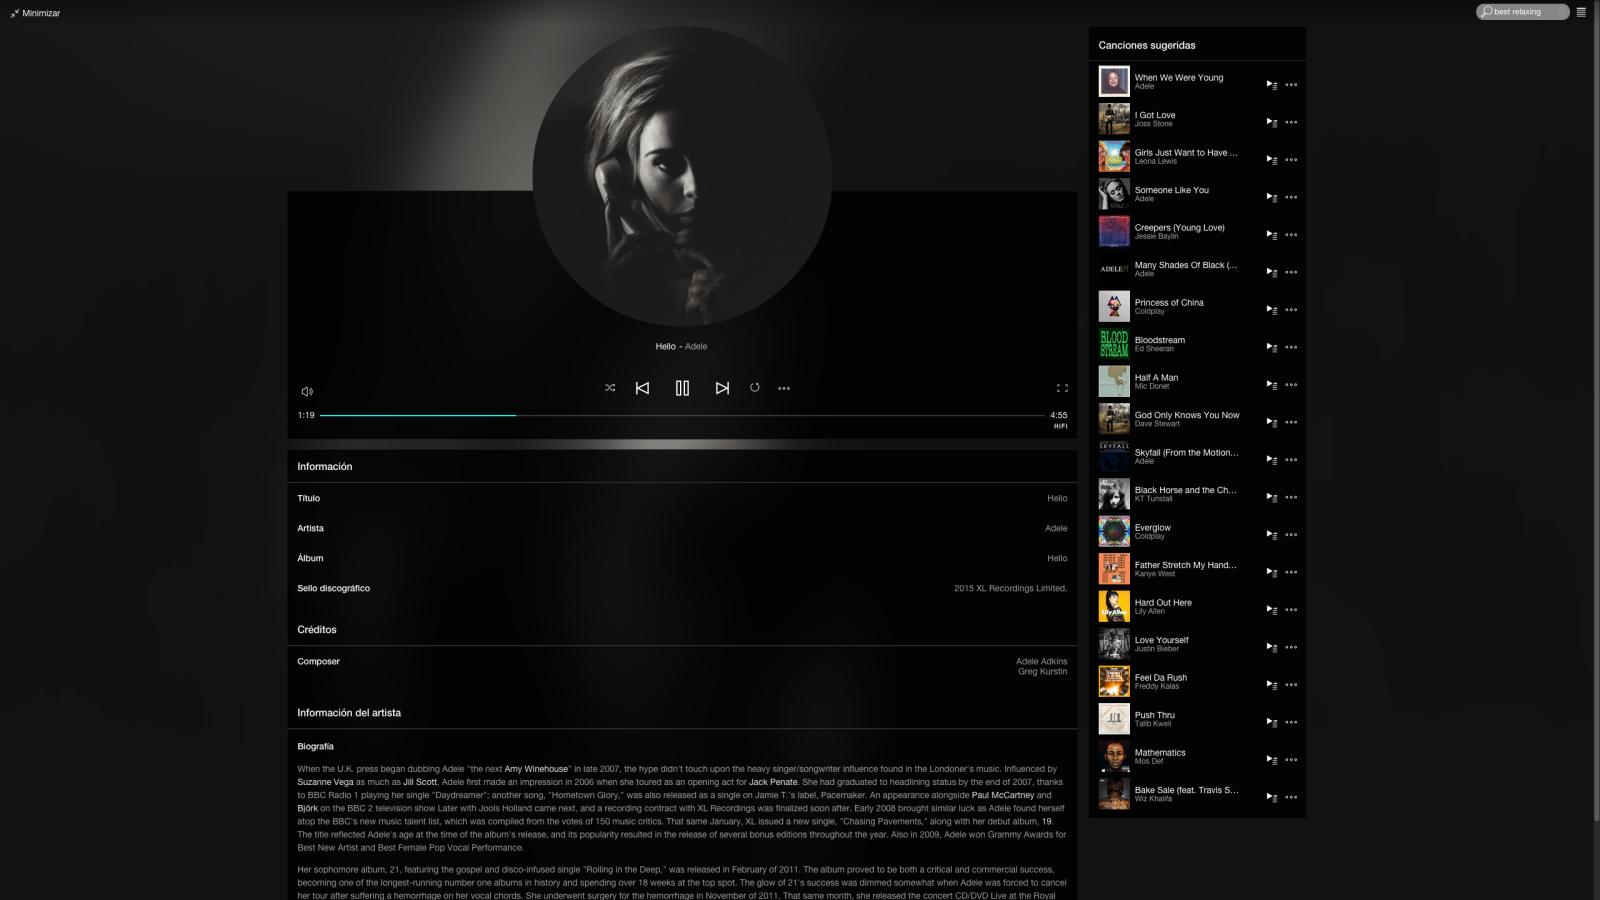 Tidal ,nuevo servicio de streaming en alta calidad 1411kbps - Página 12 1ysj20